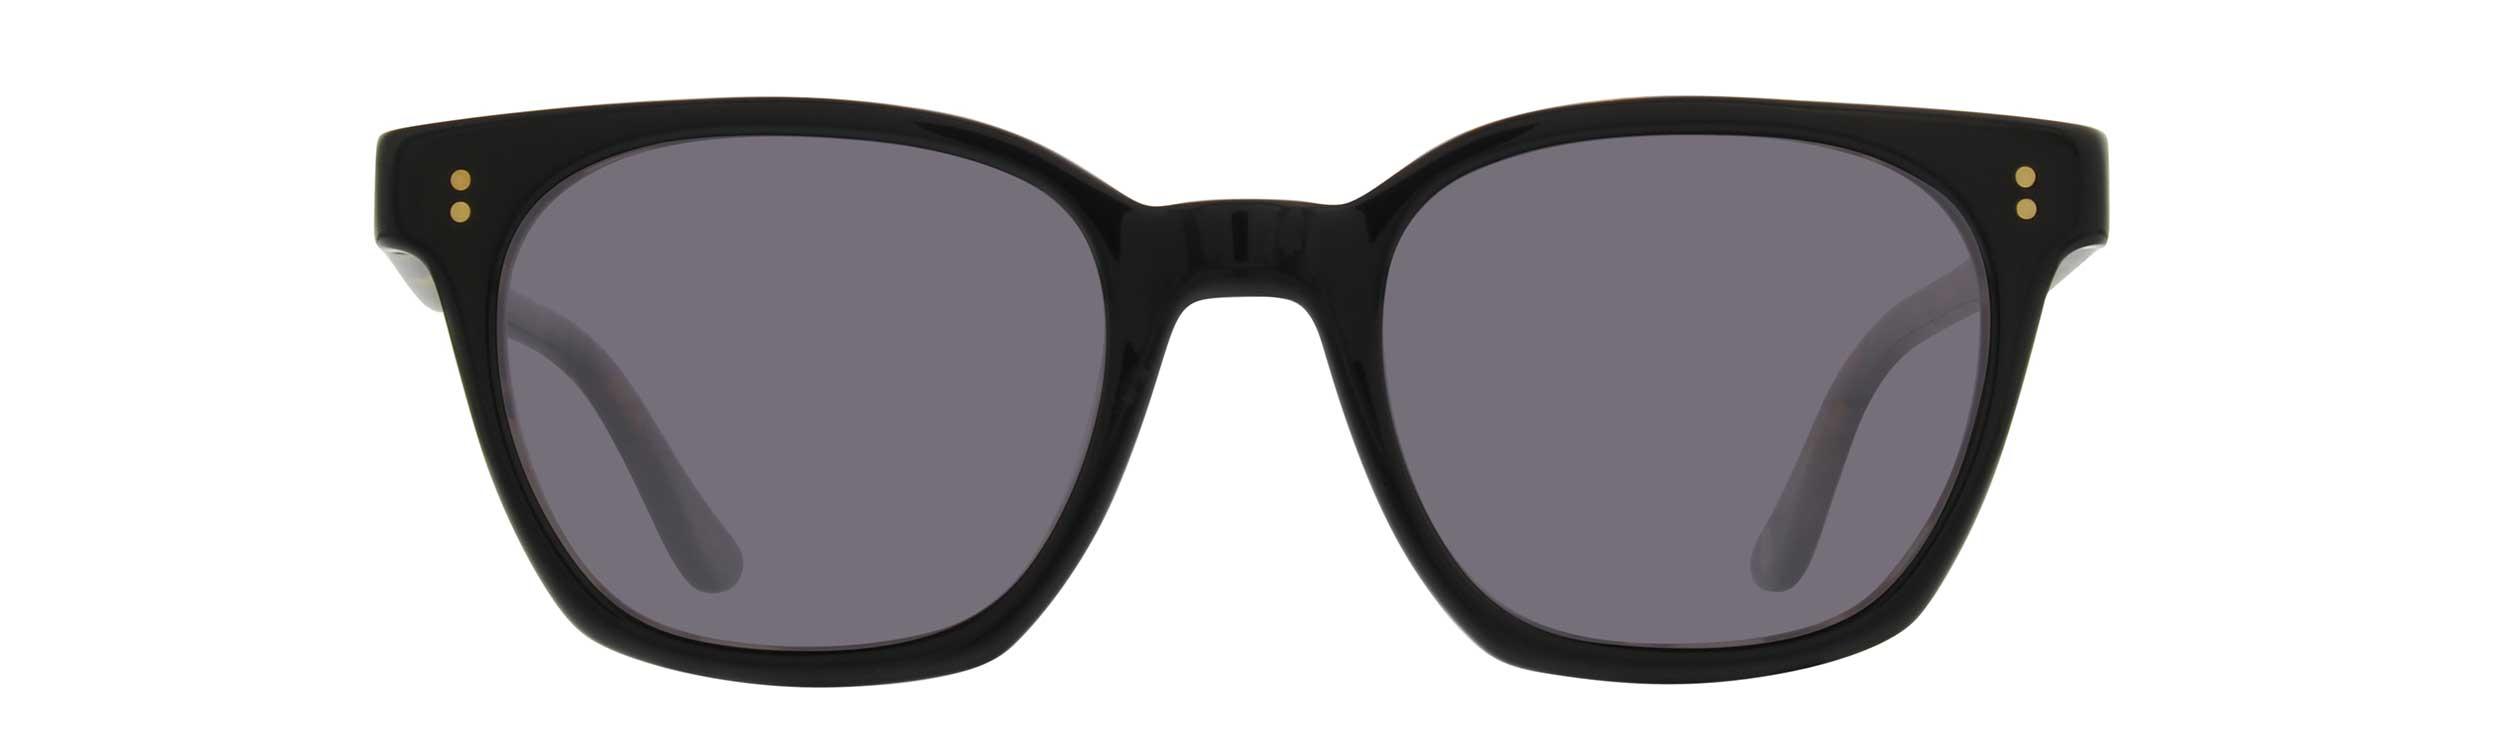 Central Square Sunglasses